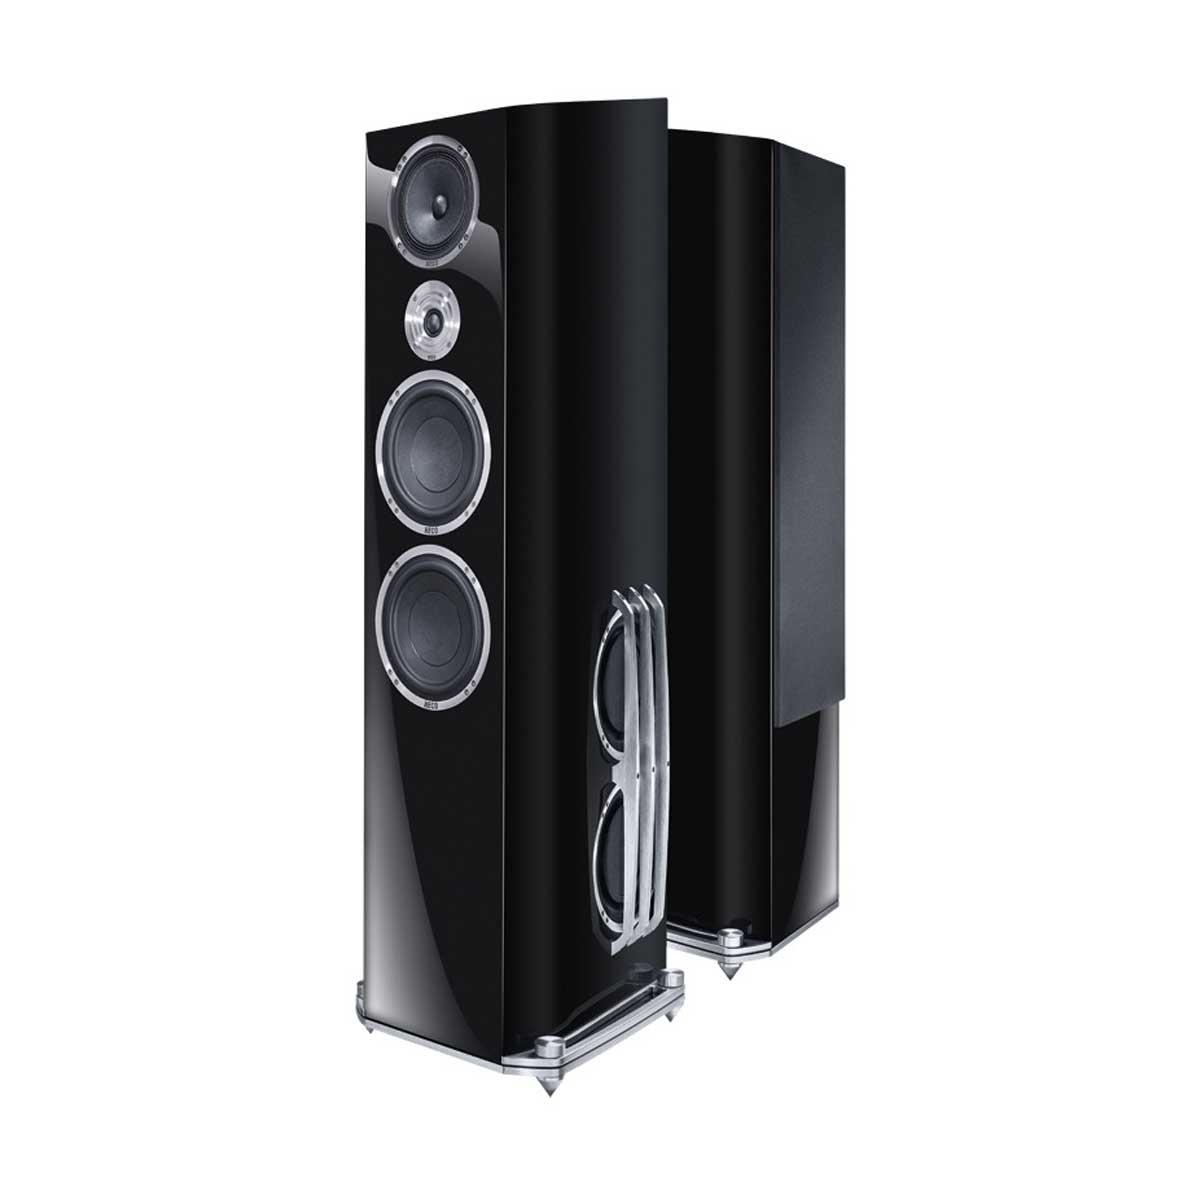 Rapallo | Heco La Diva | 3-Way Speaker with Passive Radiators